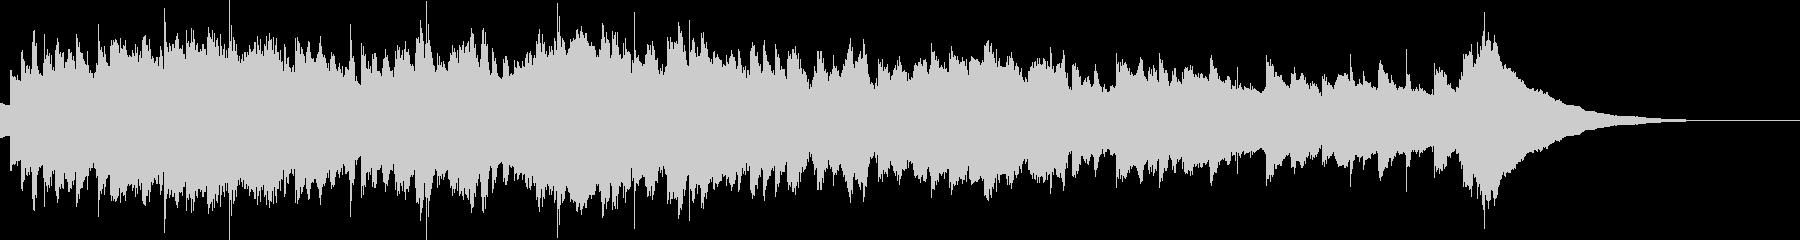 カジノスロット抽選ゲーム(秒数確定版)の未再生の波形